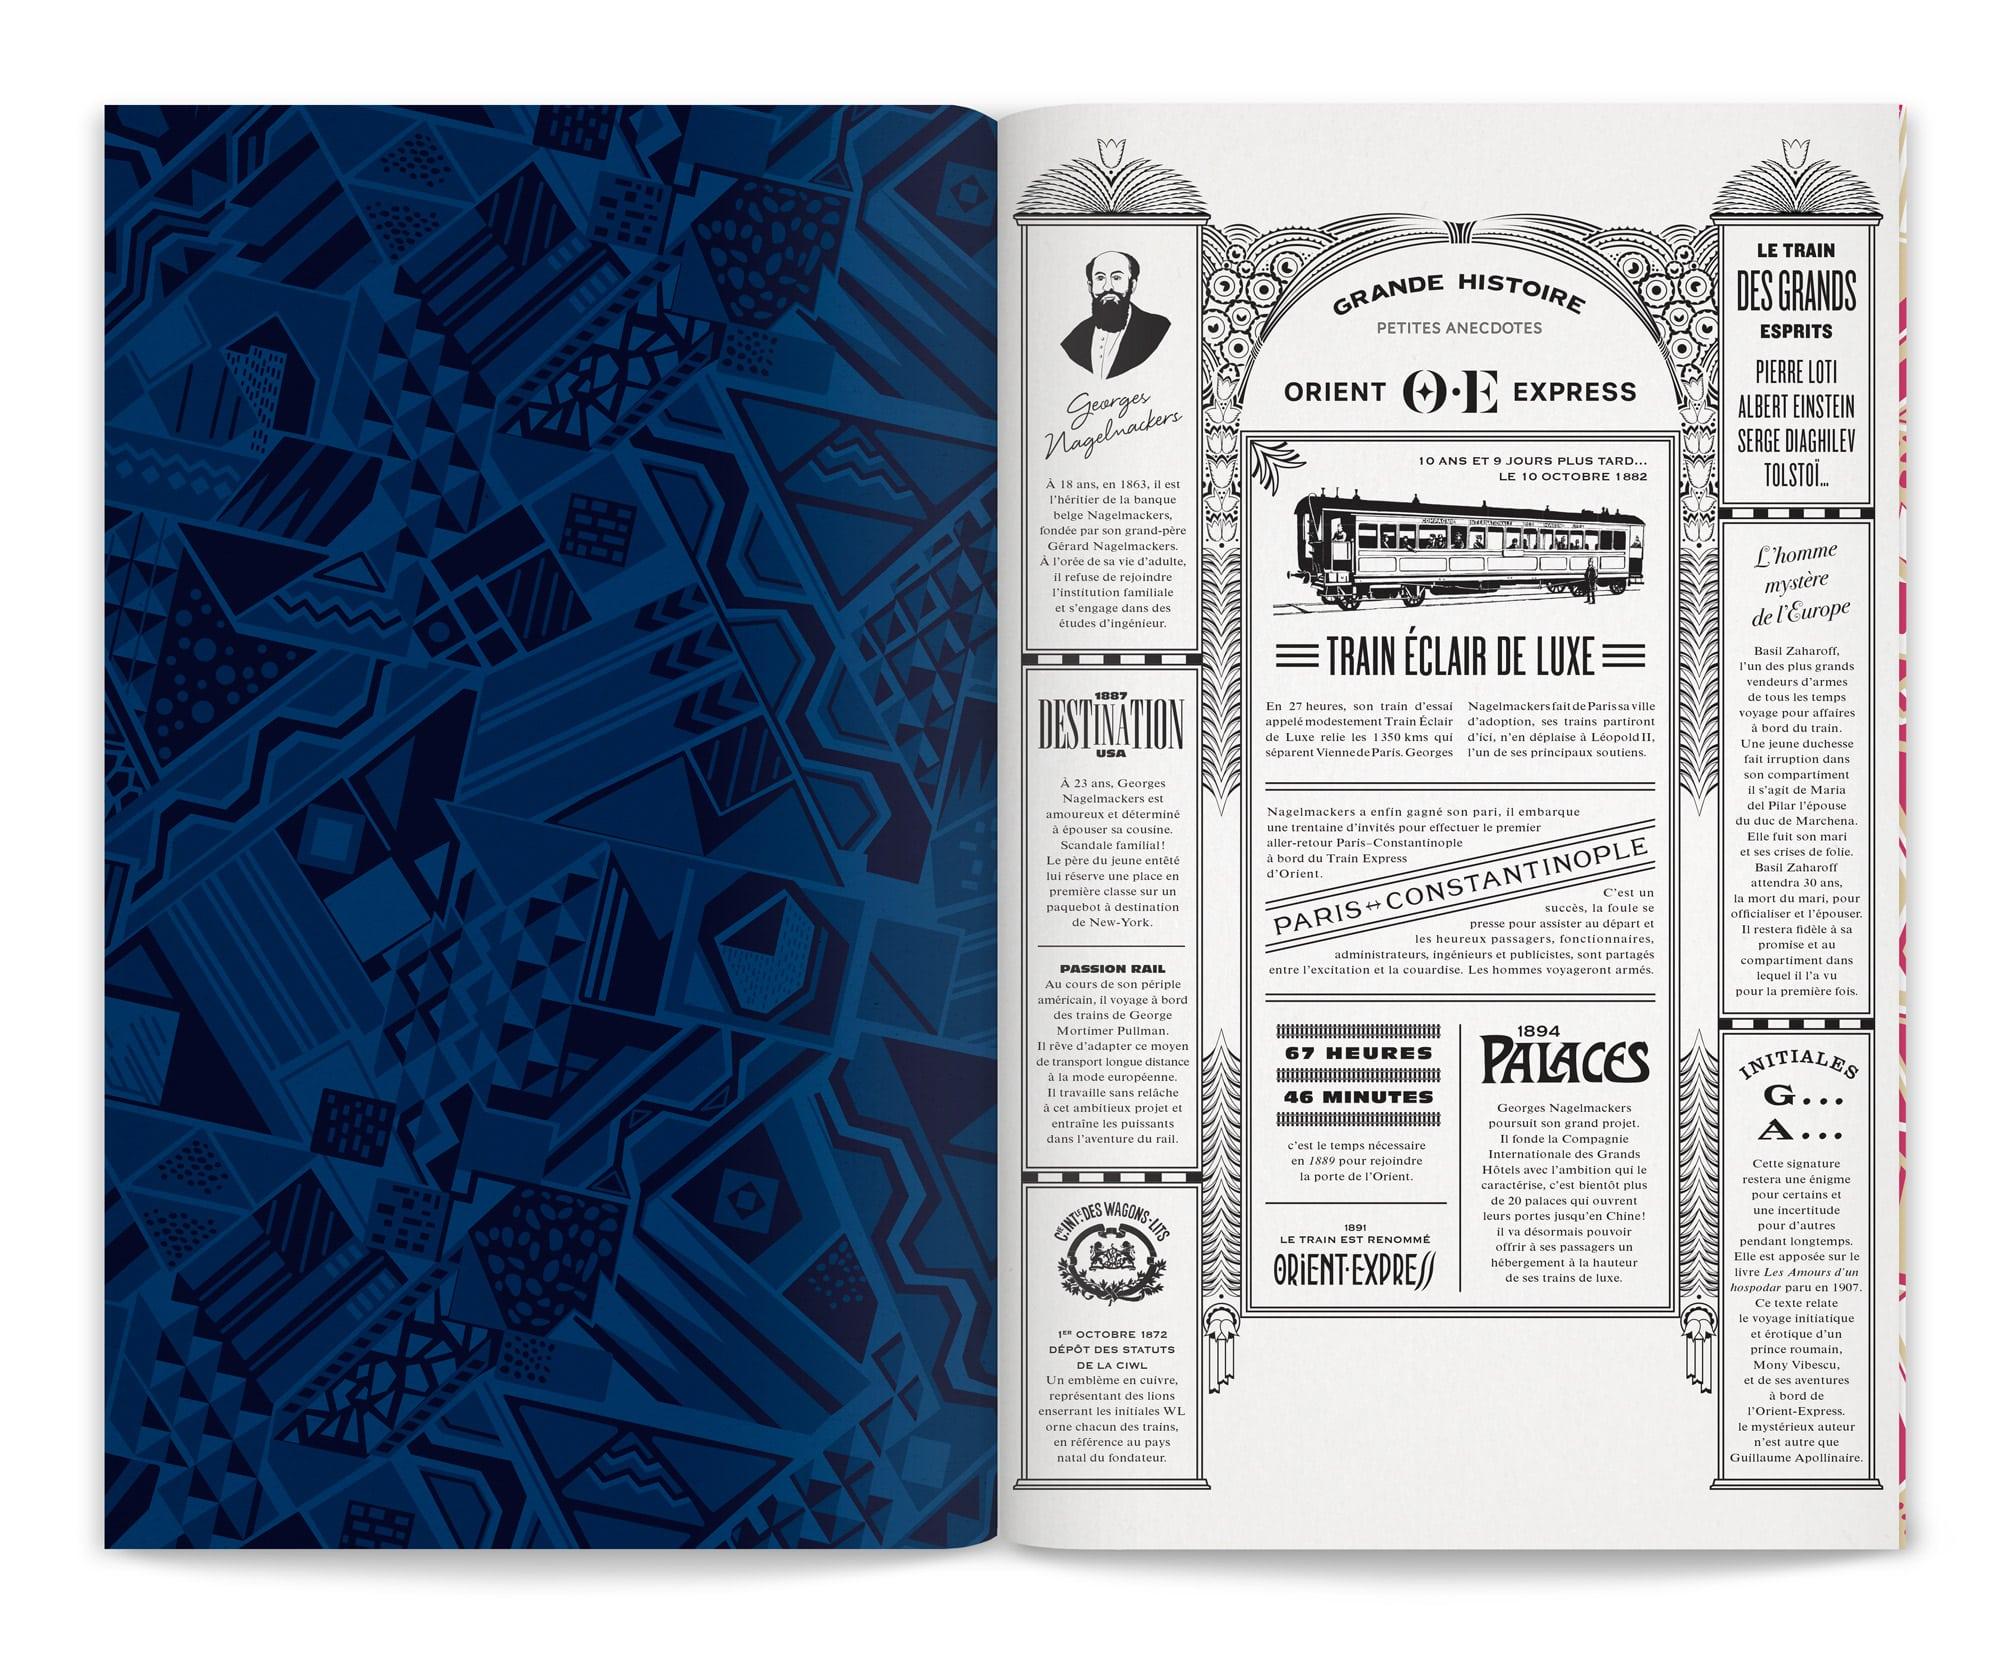 Photographie du menu Orient Express dessiné par lchetKar, sur la page de garde un motif redesigné par le studio de graphisme et en face une double page illustrée des anecdotes du train mythique. un objet de médiation pour la marque